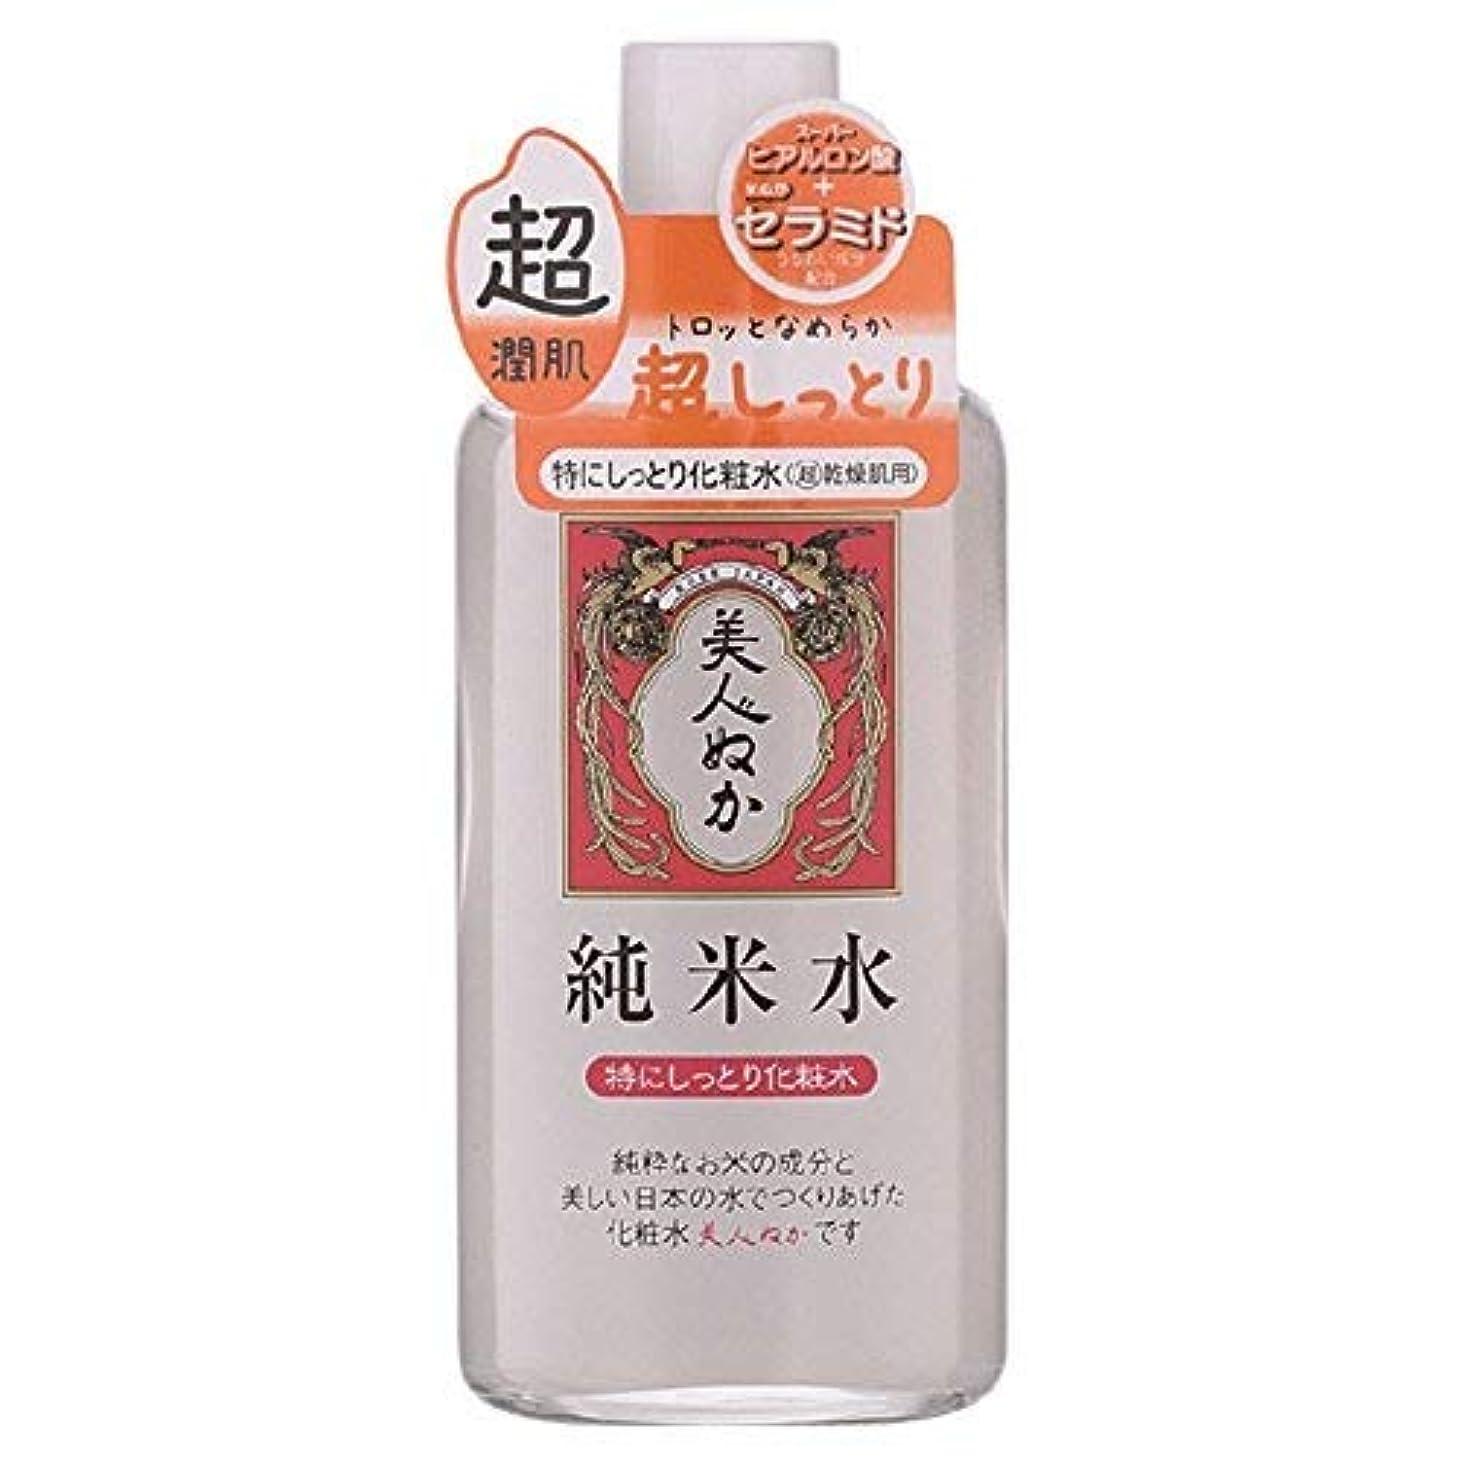 リクルートタクトサイレント純米水 特にしっとり化粧水 × 3個セット